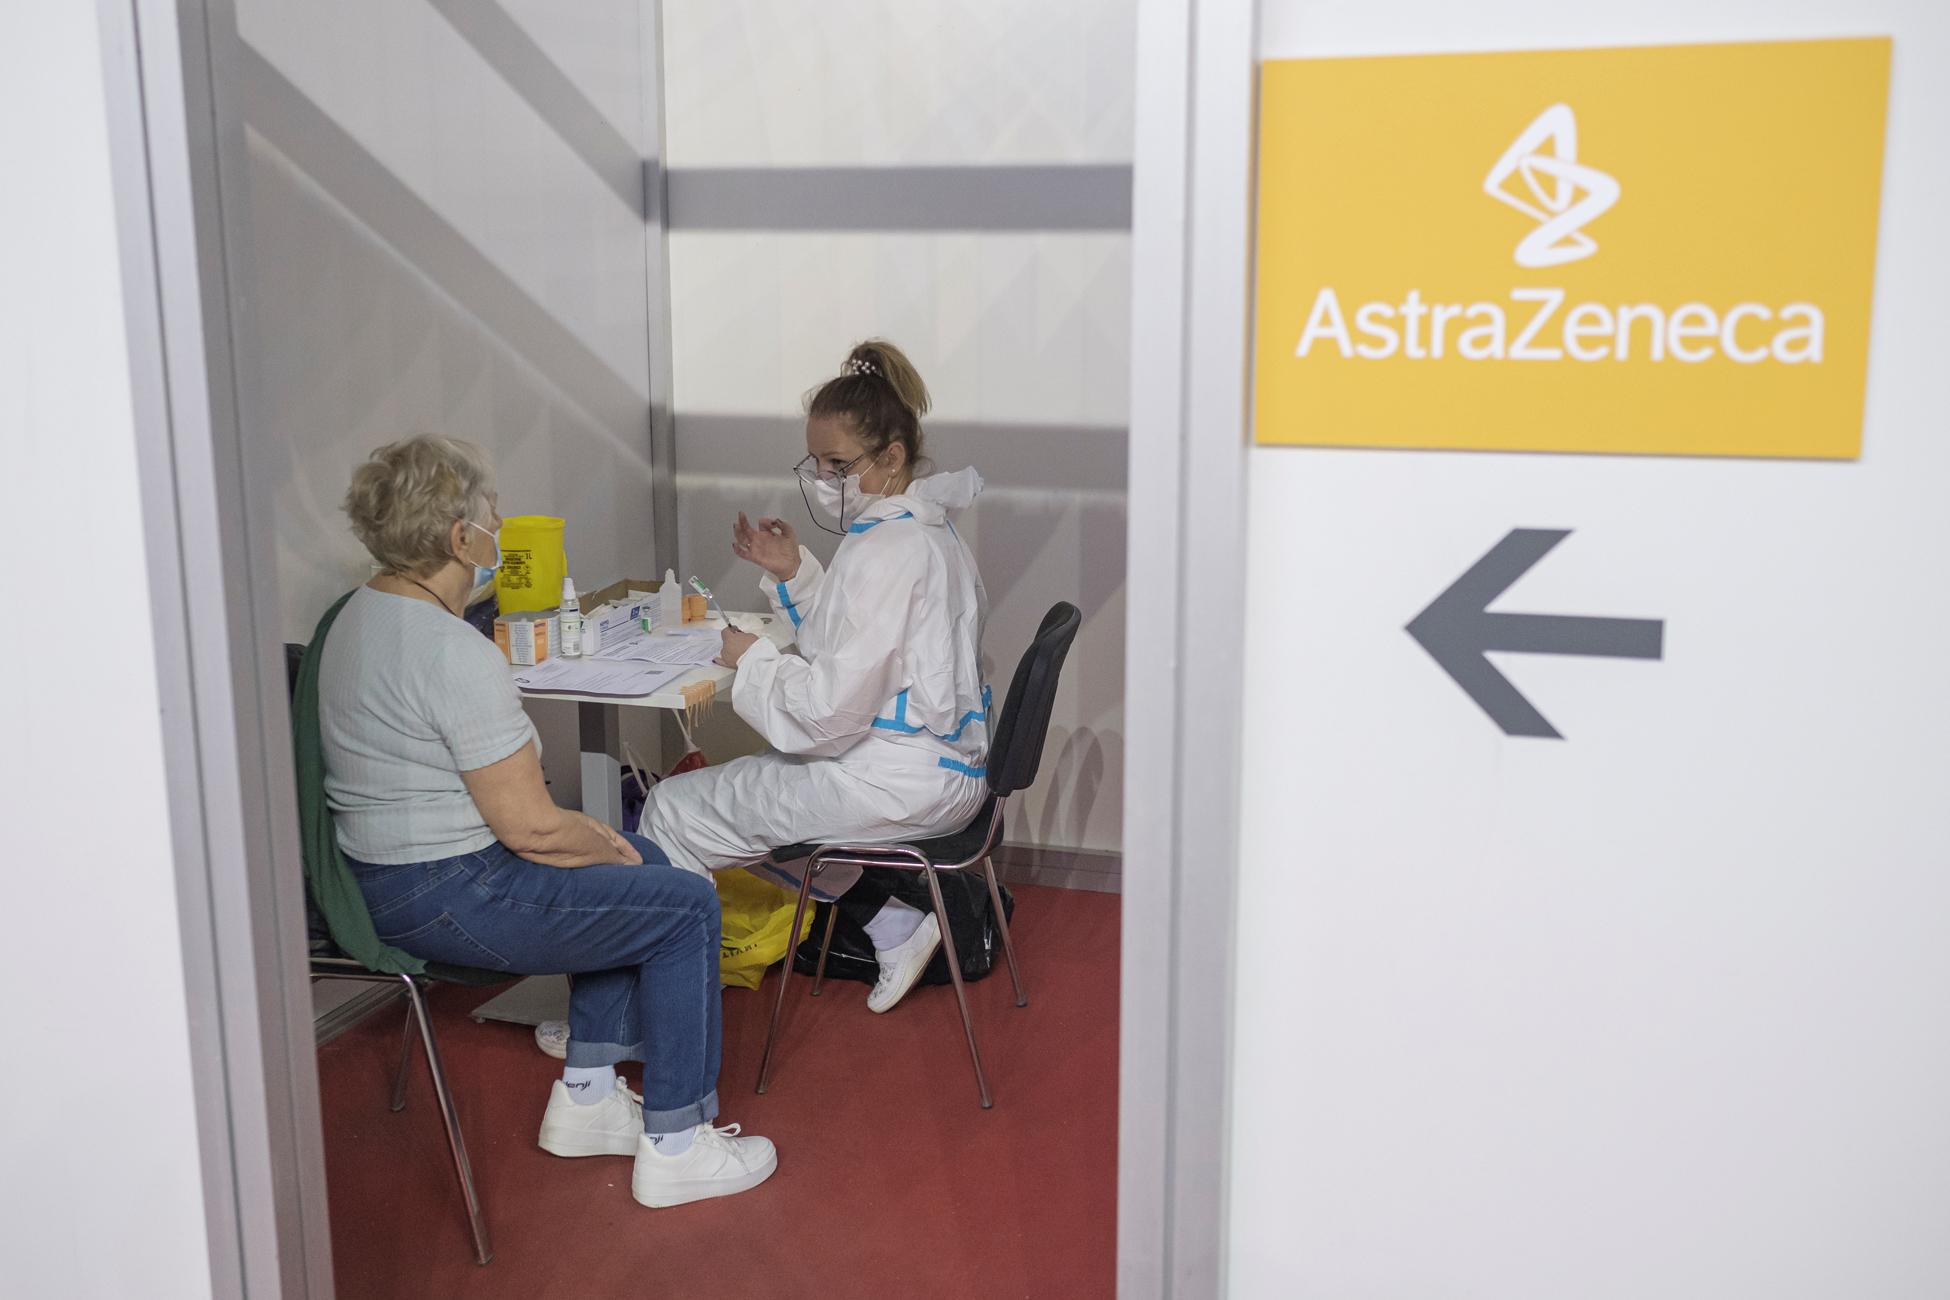 Βόρεια Μακεδονία: Στο 33,5% ο δείκτης θετικότητας – Πάνε στη Σερβία για να εμβολιαστούν